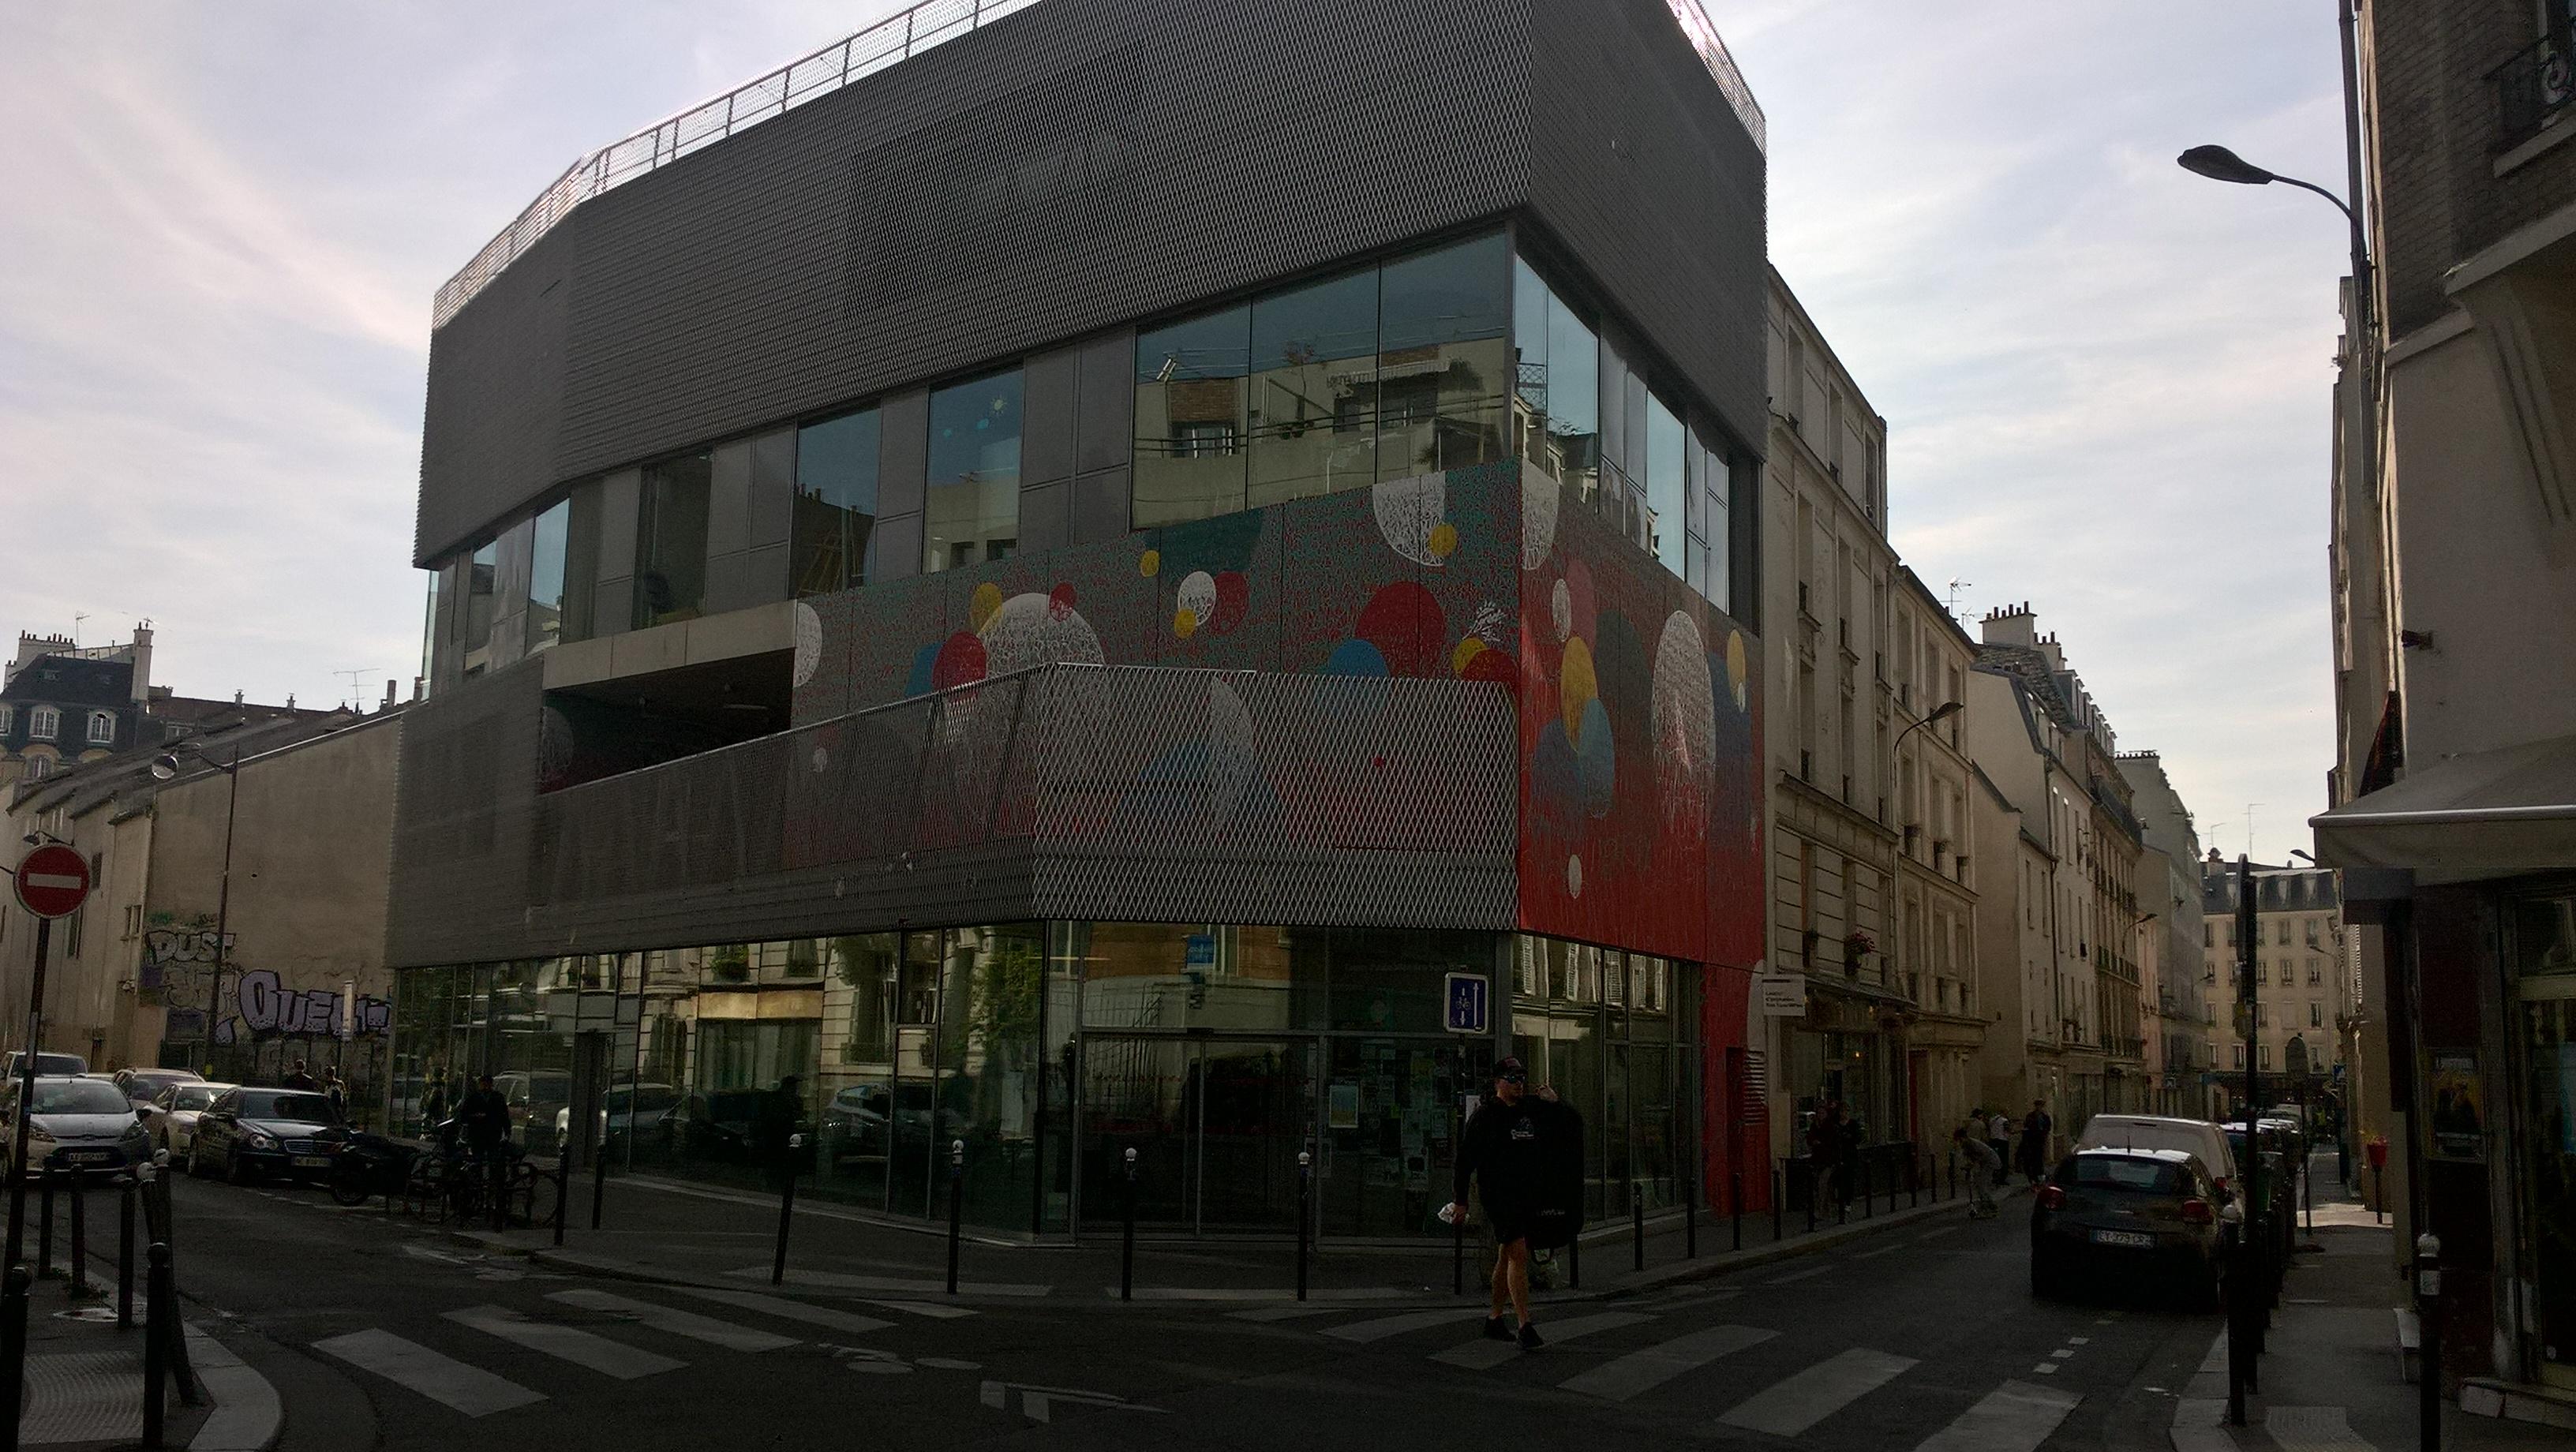 Vraiment chouette ce changement régulier de street-artiste !